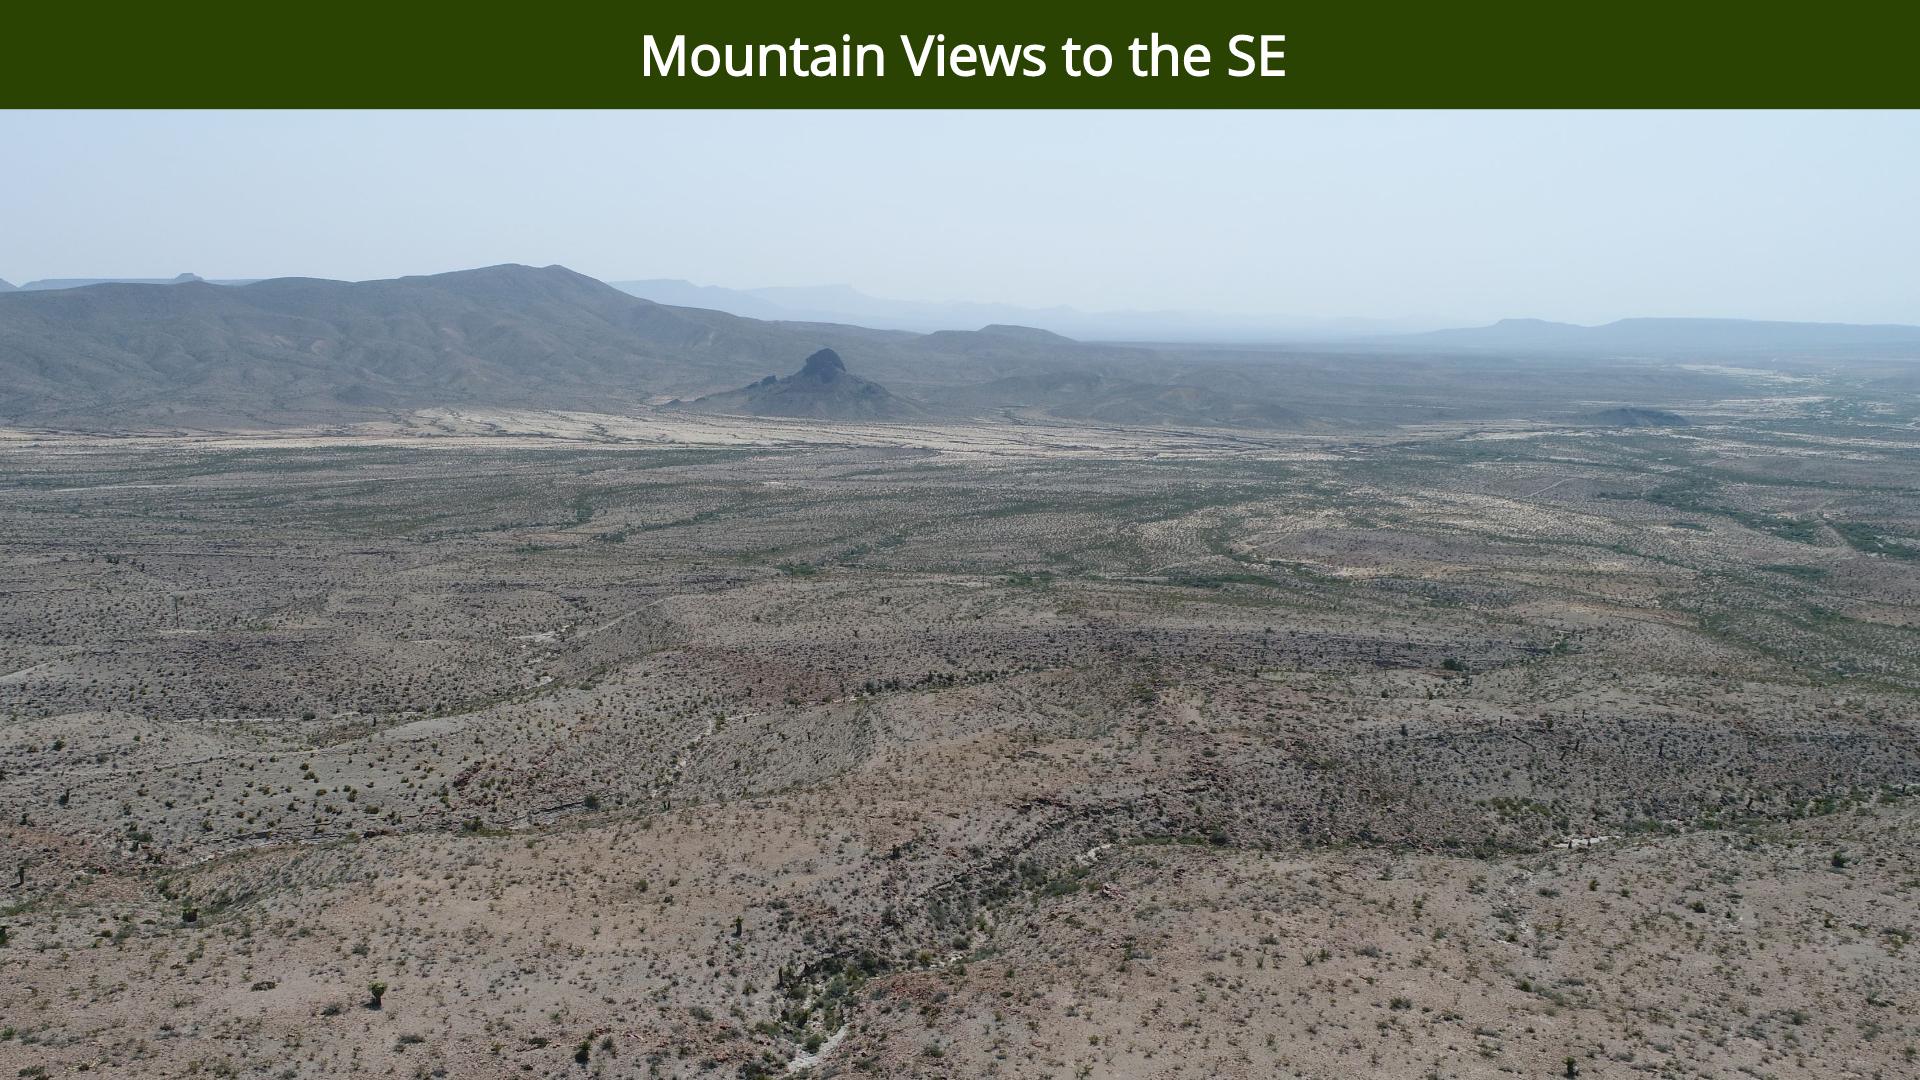 Mountain Views to the SE